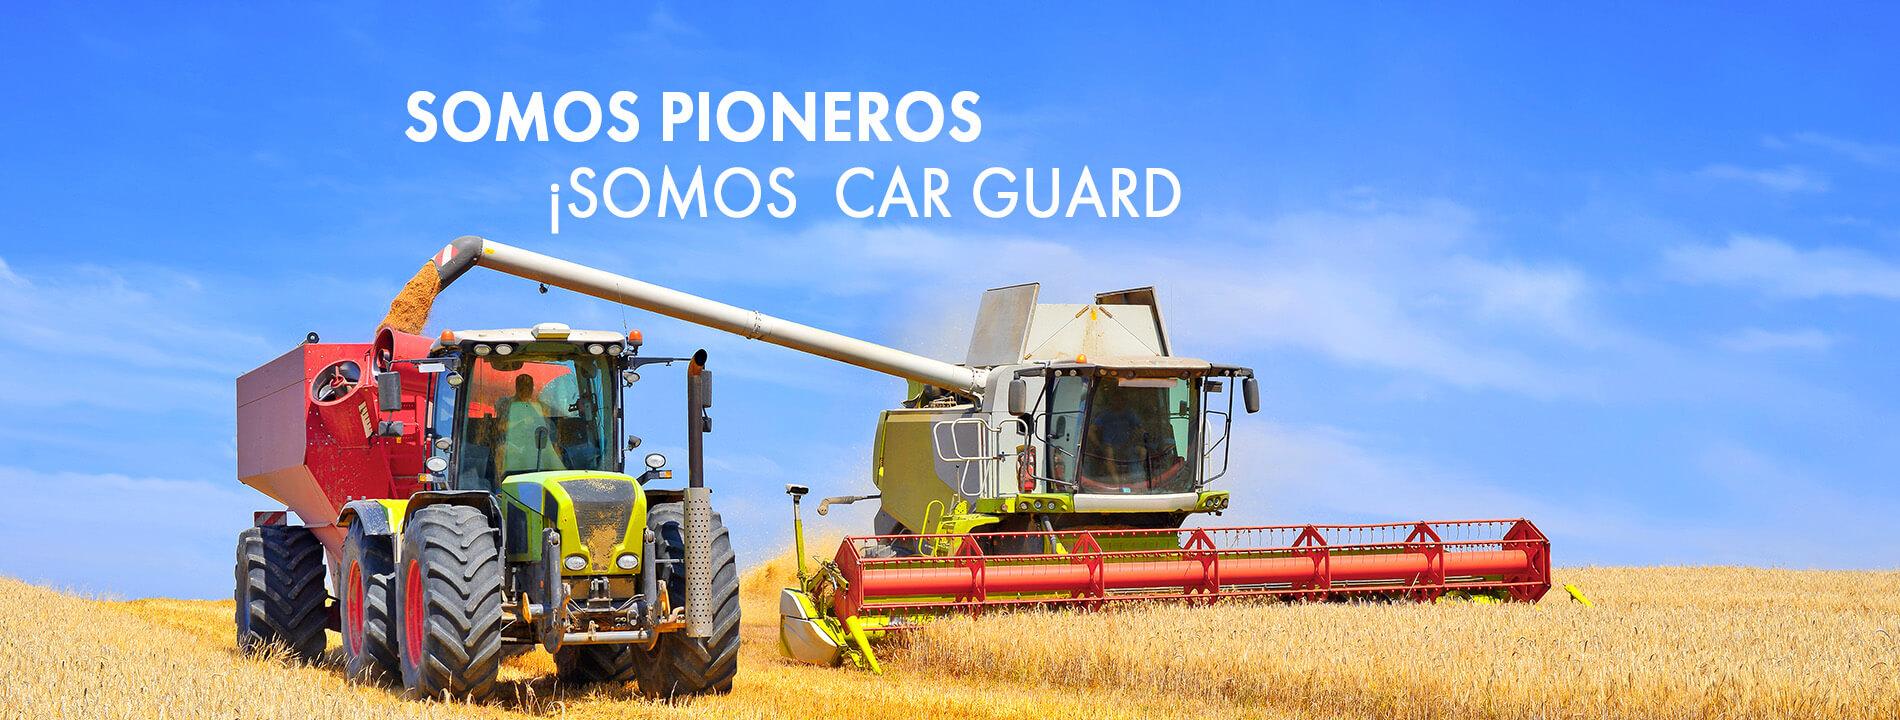 Somos pioneros - Somos Car Guard